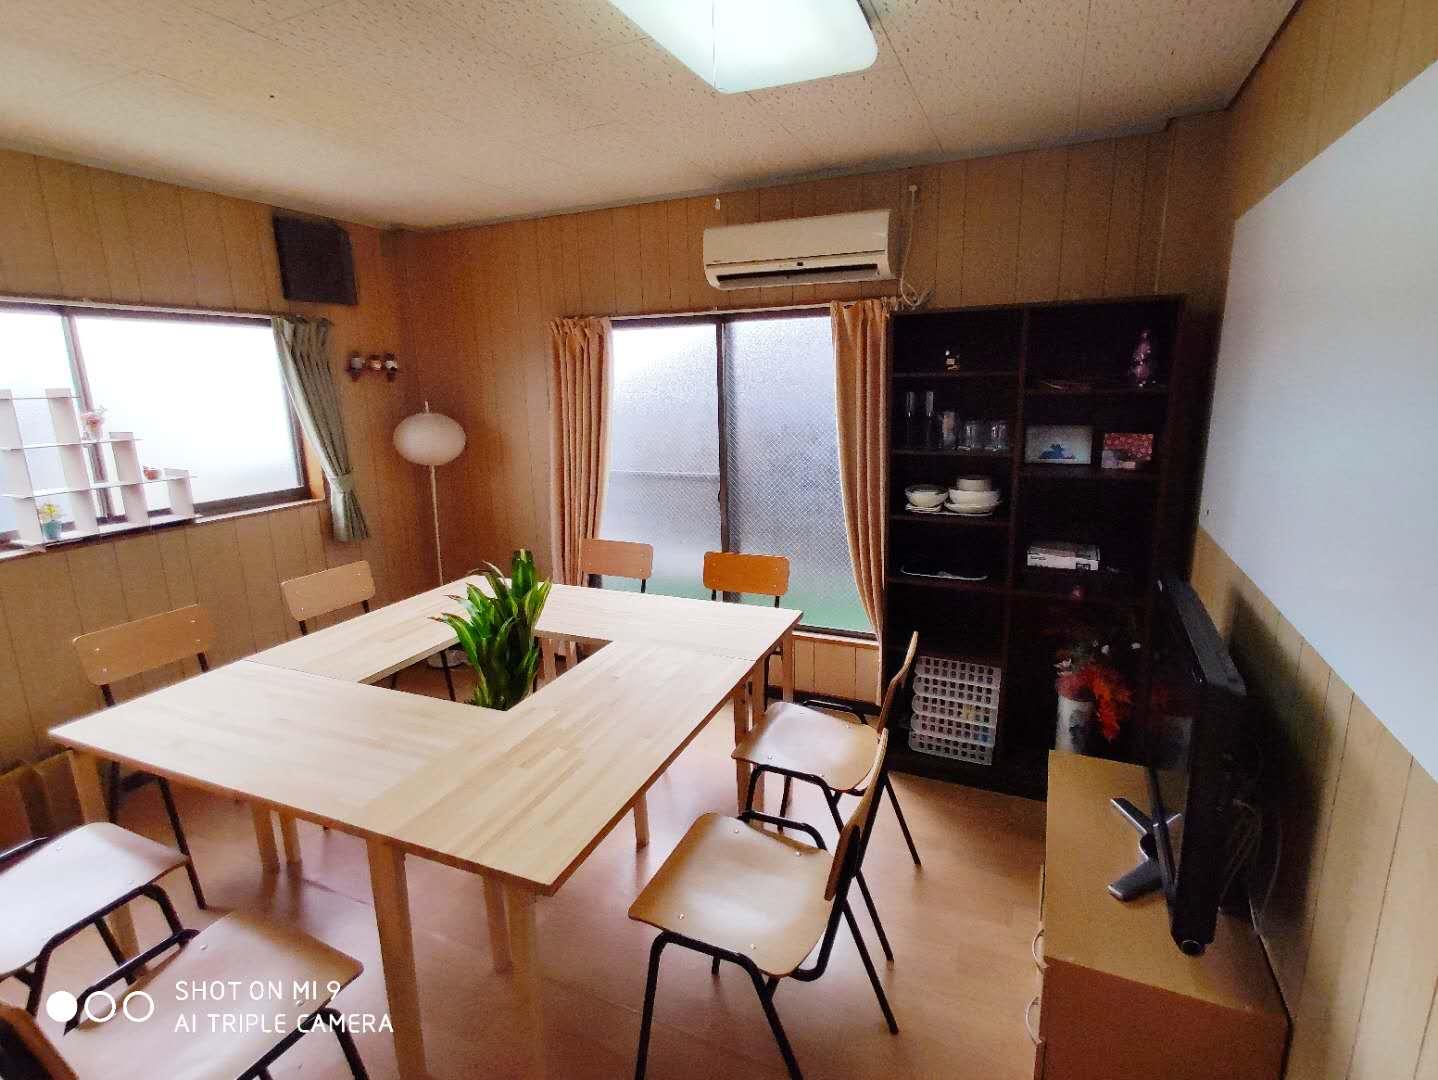 遊泊寺田町レンタルスペース 遊泊寺田町多目的スペースの室内の写真